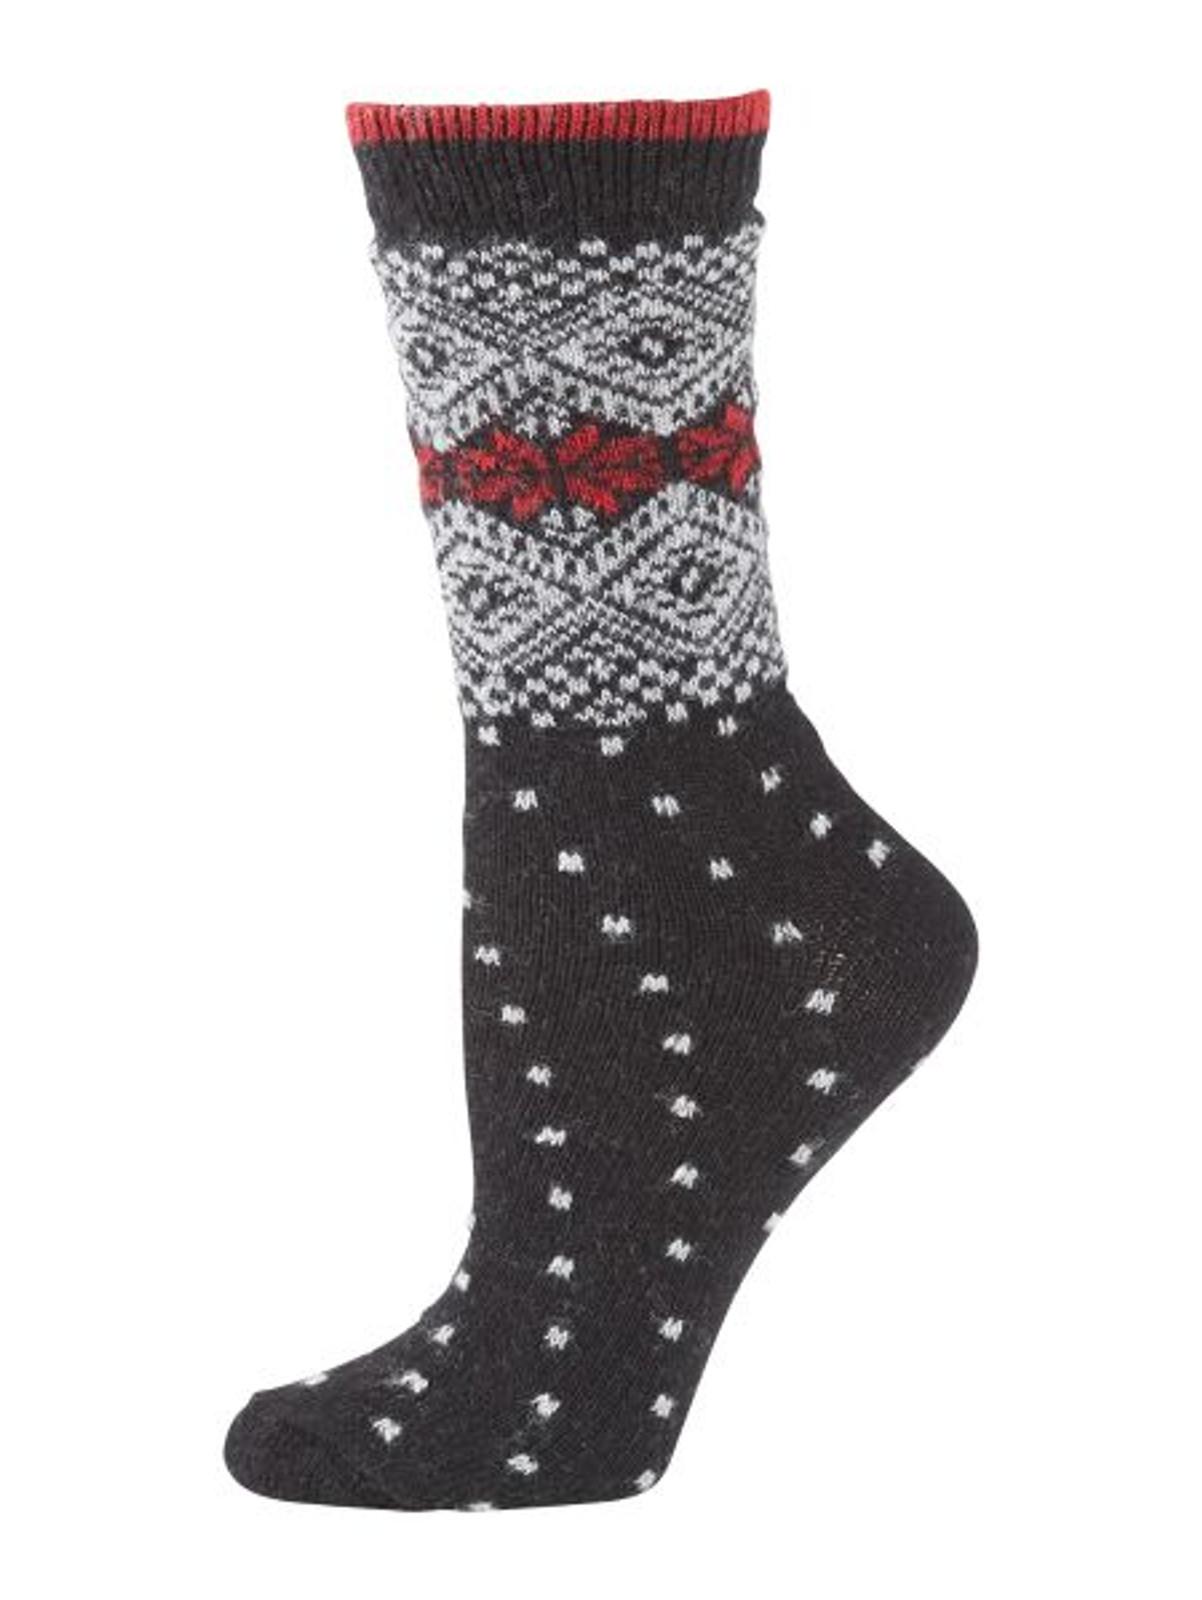 B.ELLA Ingrid Flurries Socks, Ladies' One Size - Black/Red (BE0937-07000)